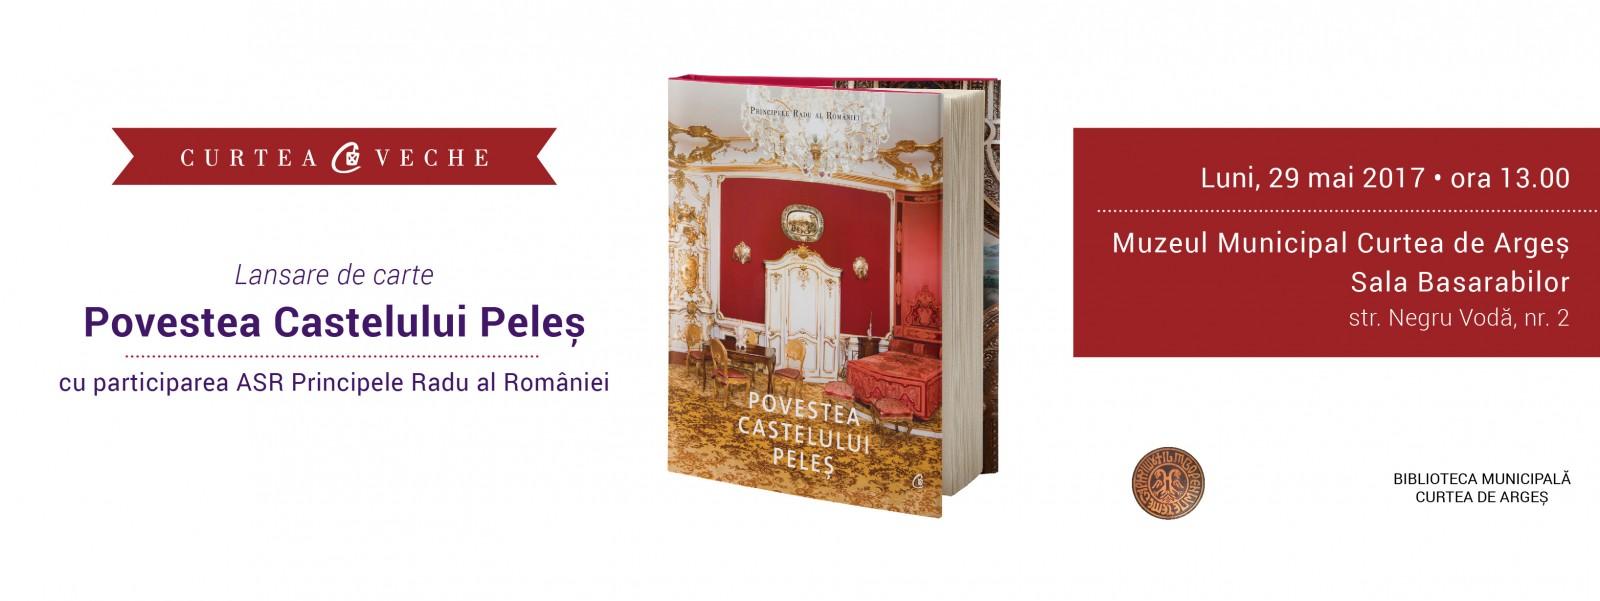 """ASR Principele Radu al României lansează """"Povestea Castelului Peleş"""", la Muzeul Municipal Curtea de Argeş"""